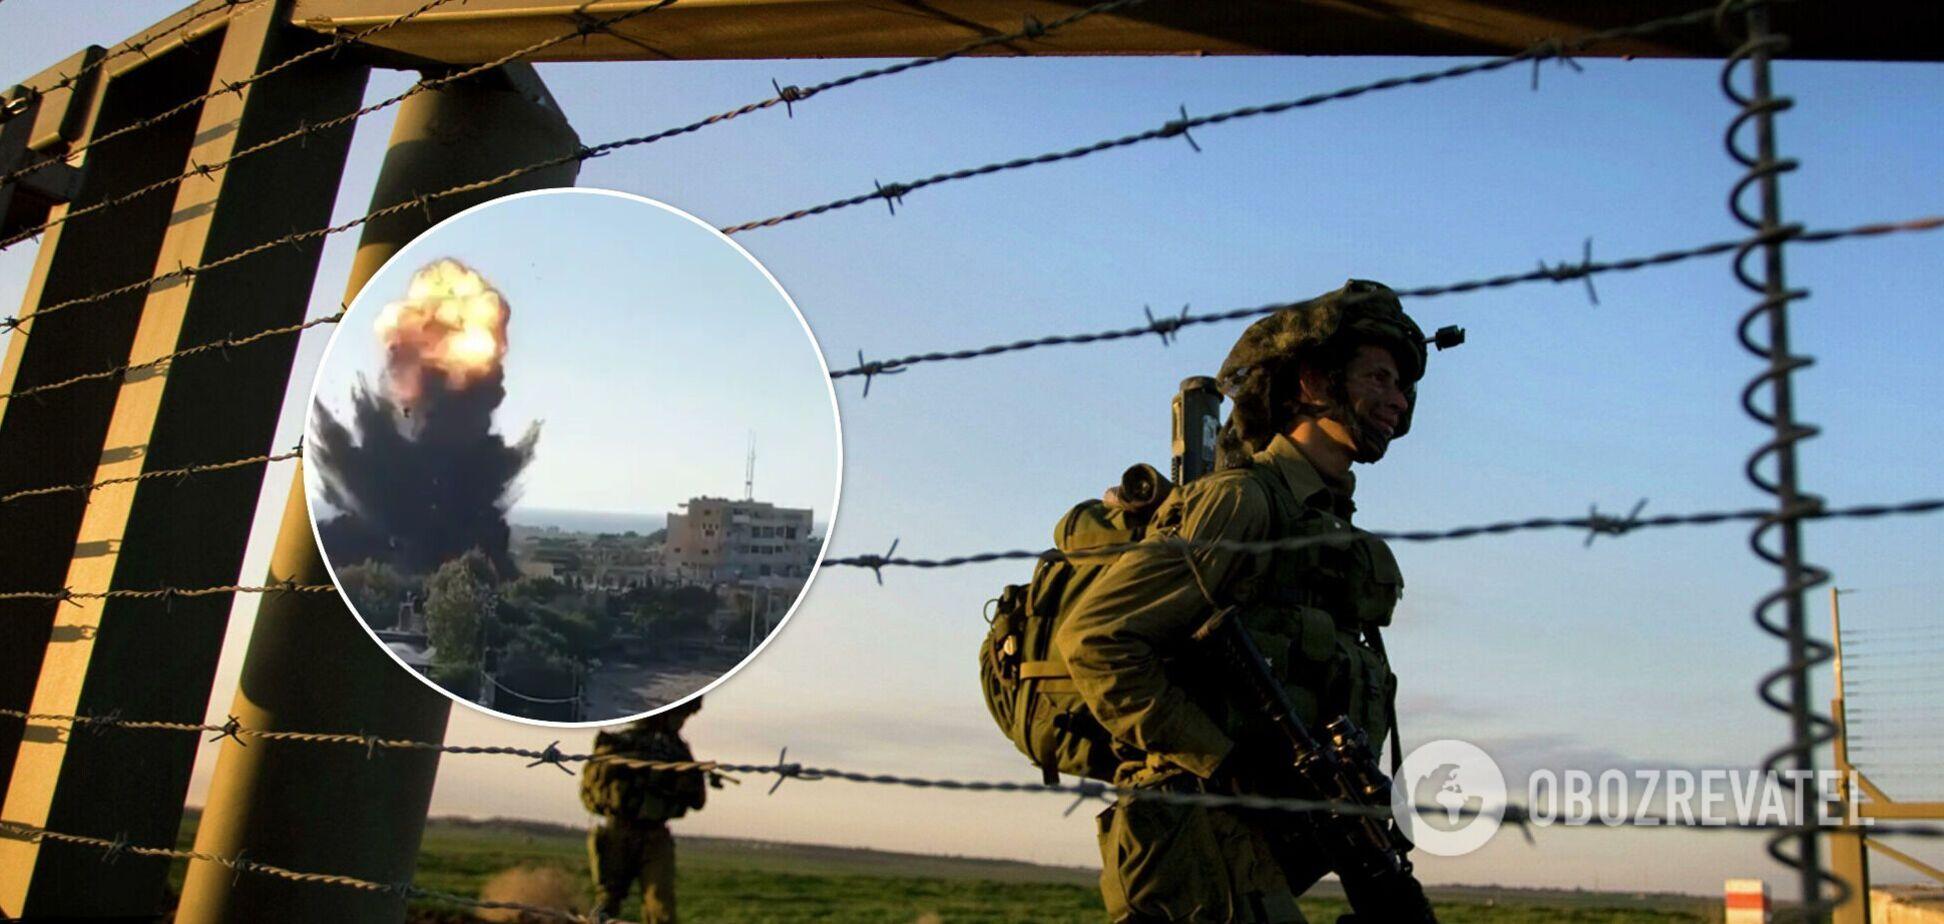 Ізраїль розбомбив будинок, в якому ХАМАС використовував ЗМІ як живий щит: момент потрапив на відео